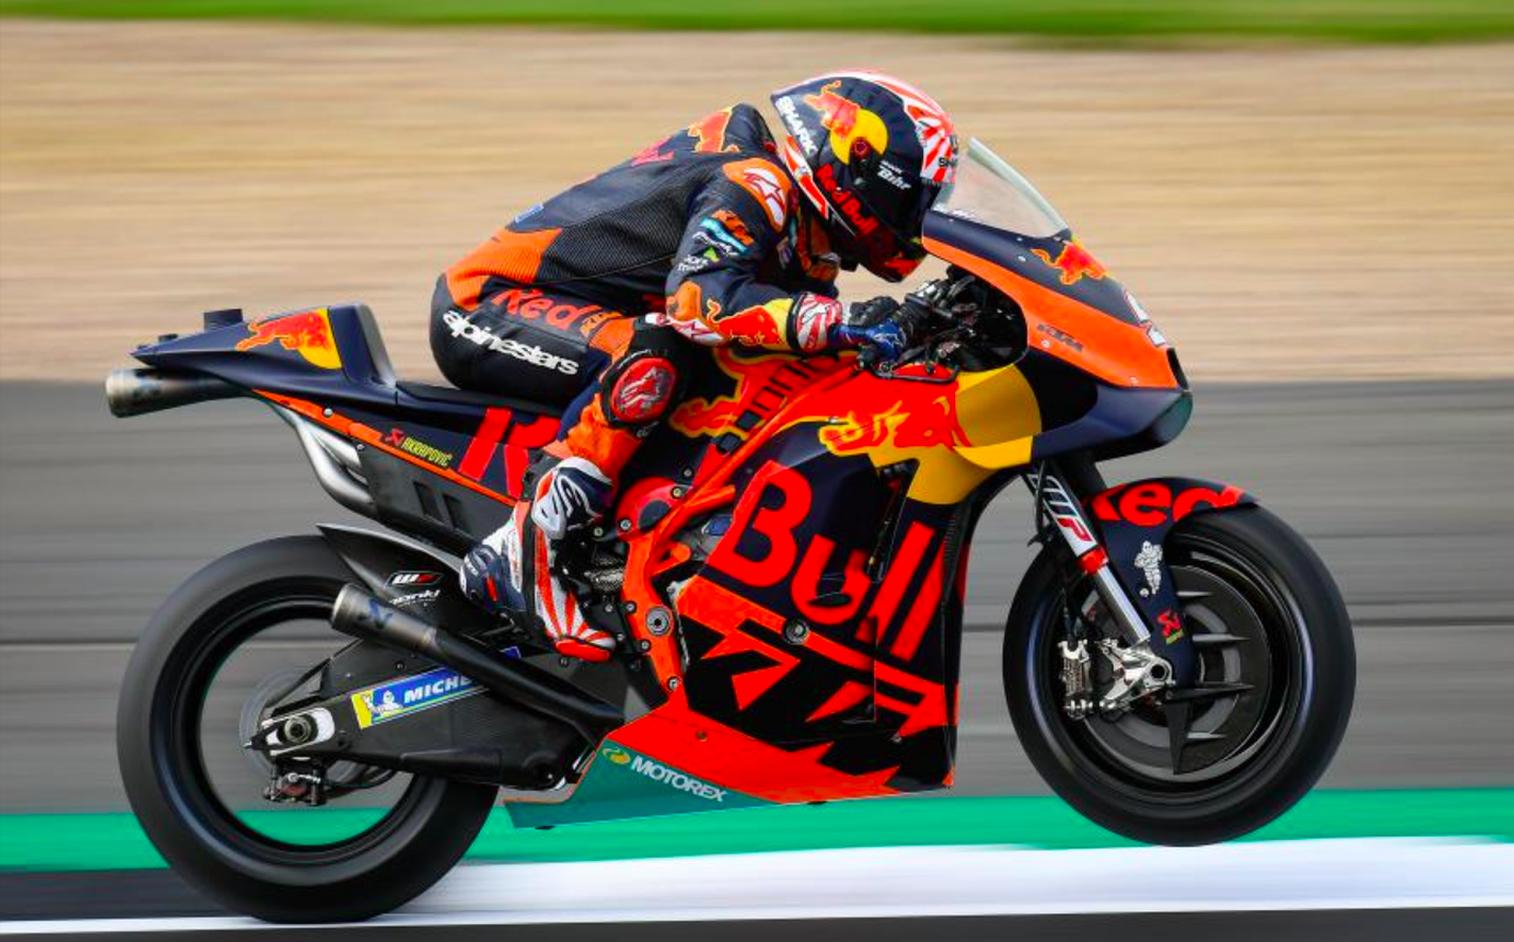 MotoGP, 2020: Recordando a carreira de Zarco